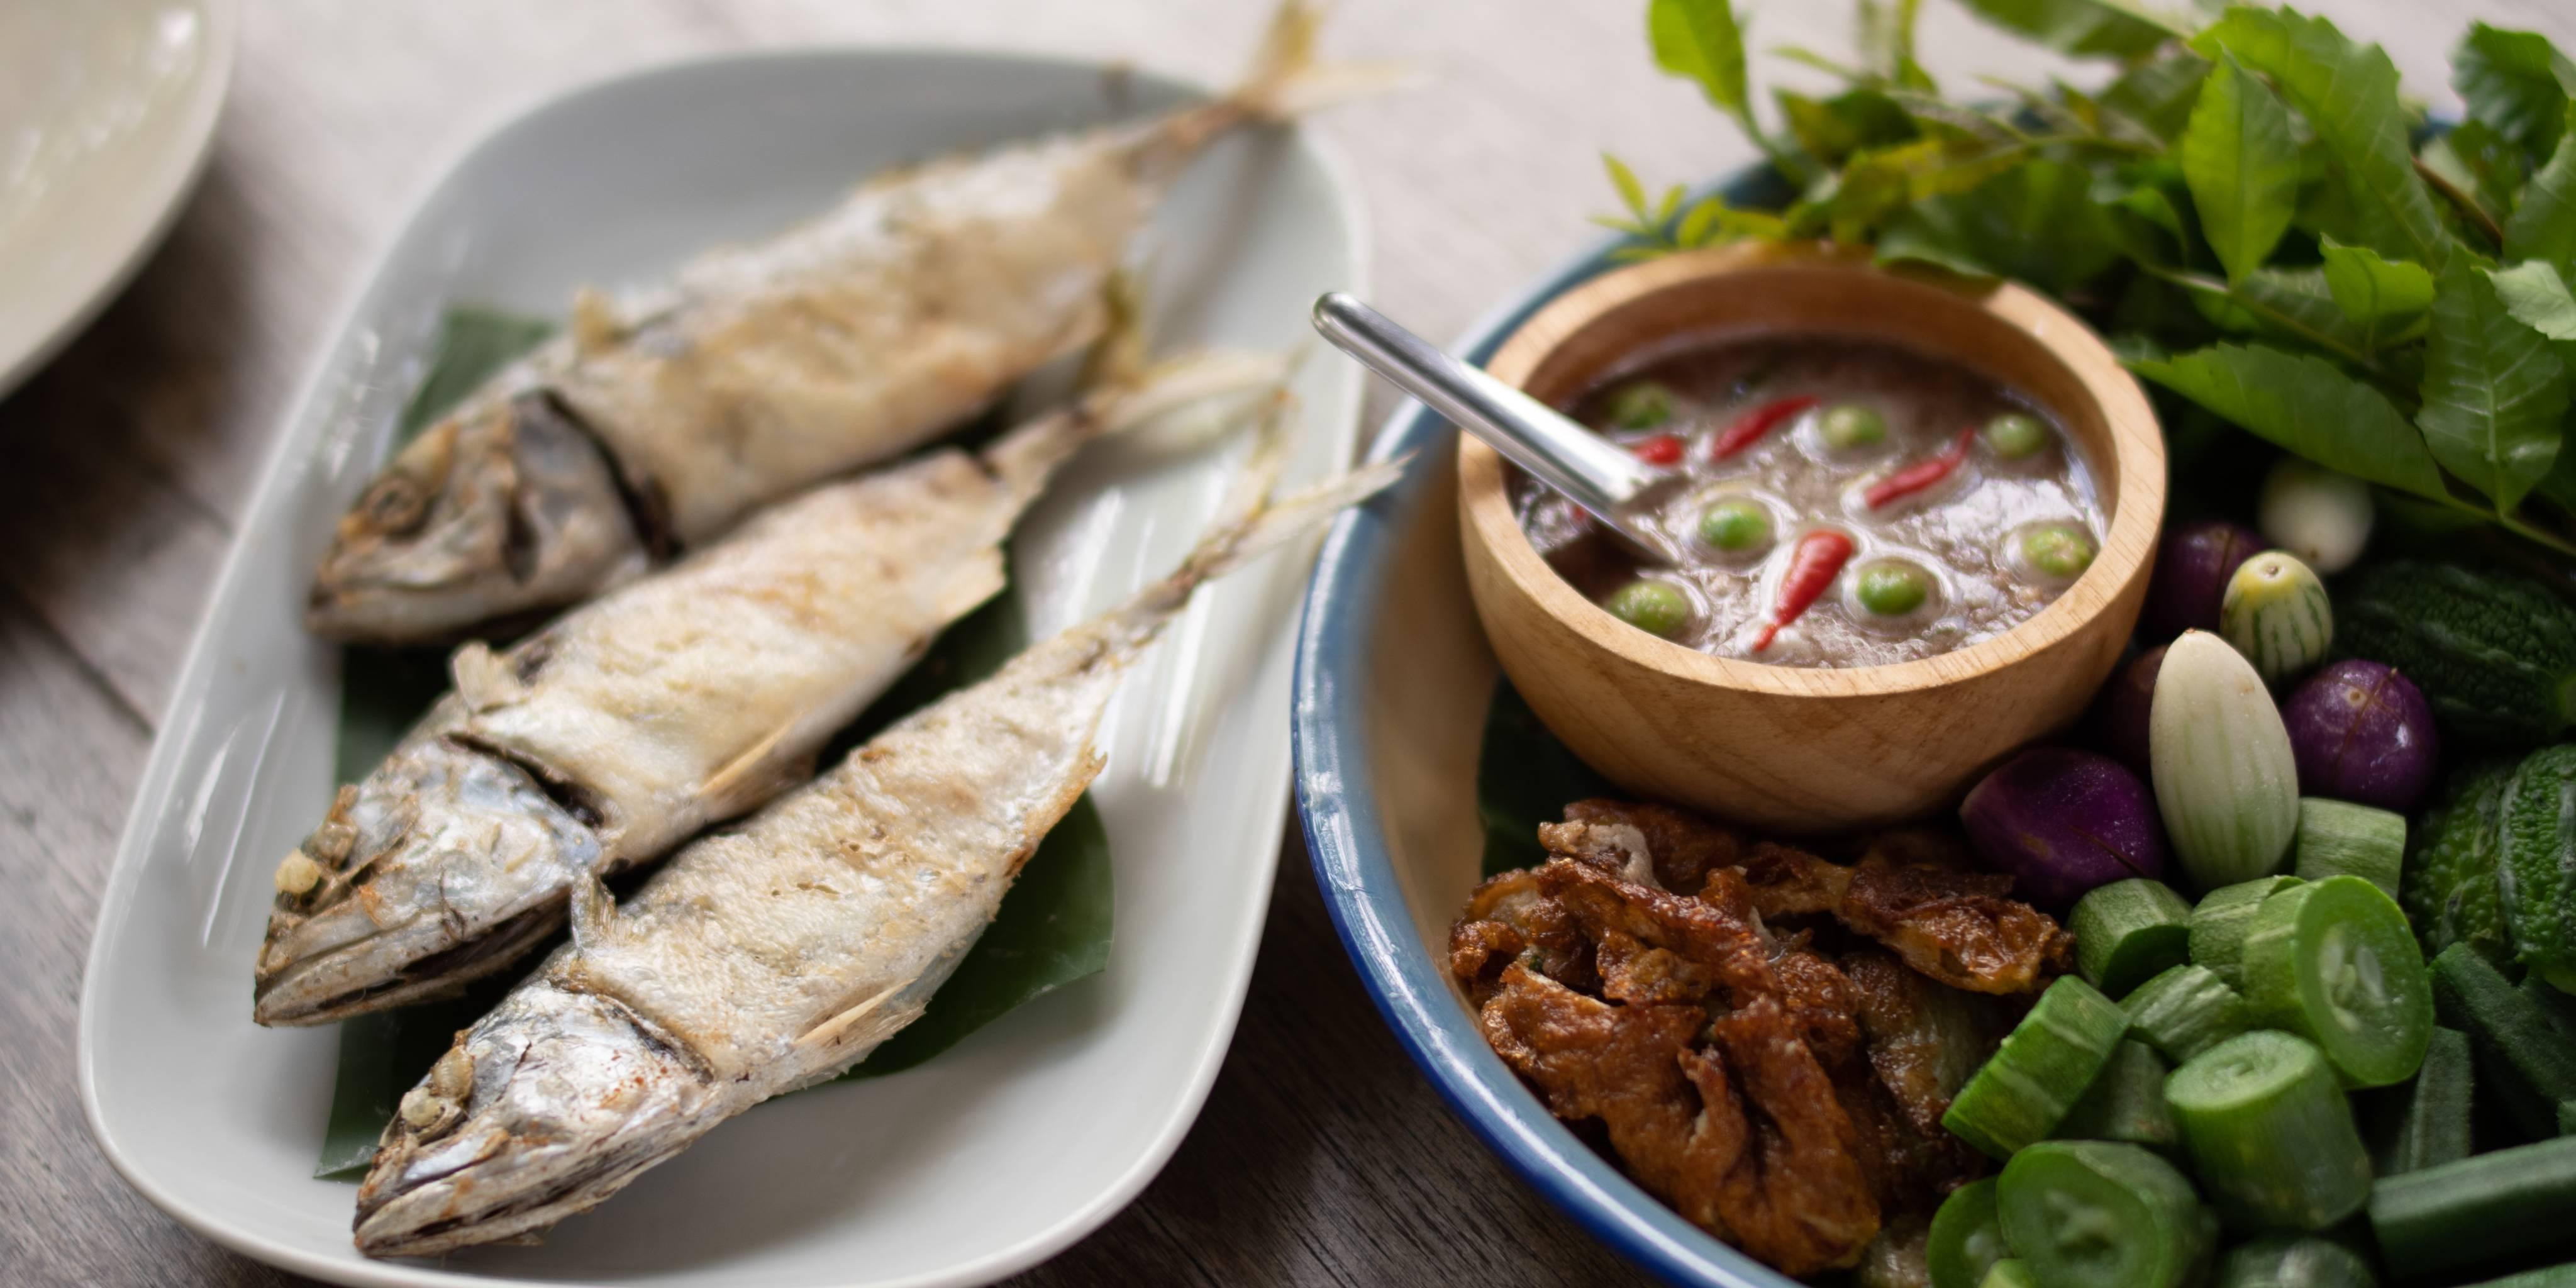 POMOĆ HRANOM: Jaja, riba, lisnato povrće i voće će stres 'pojesti za doručak'